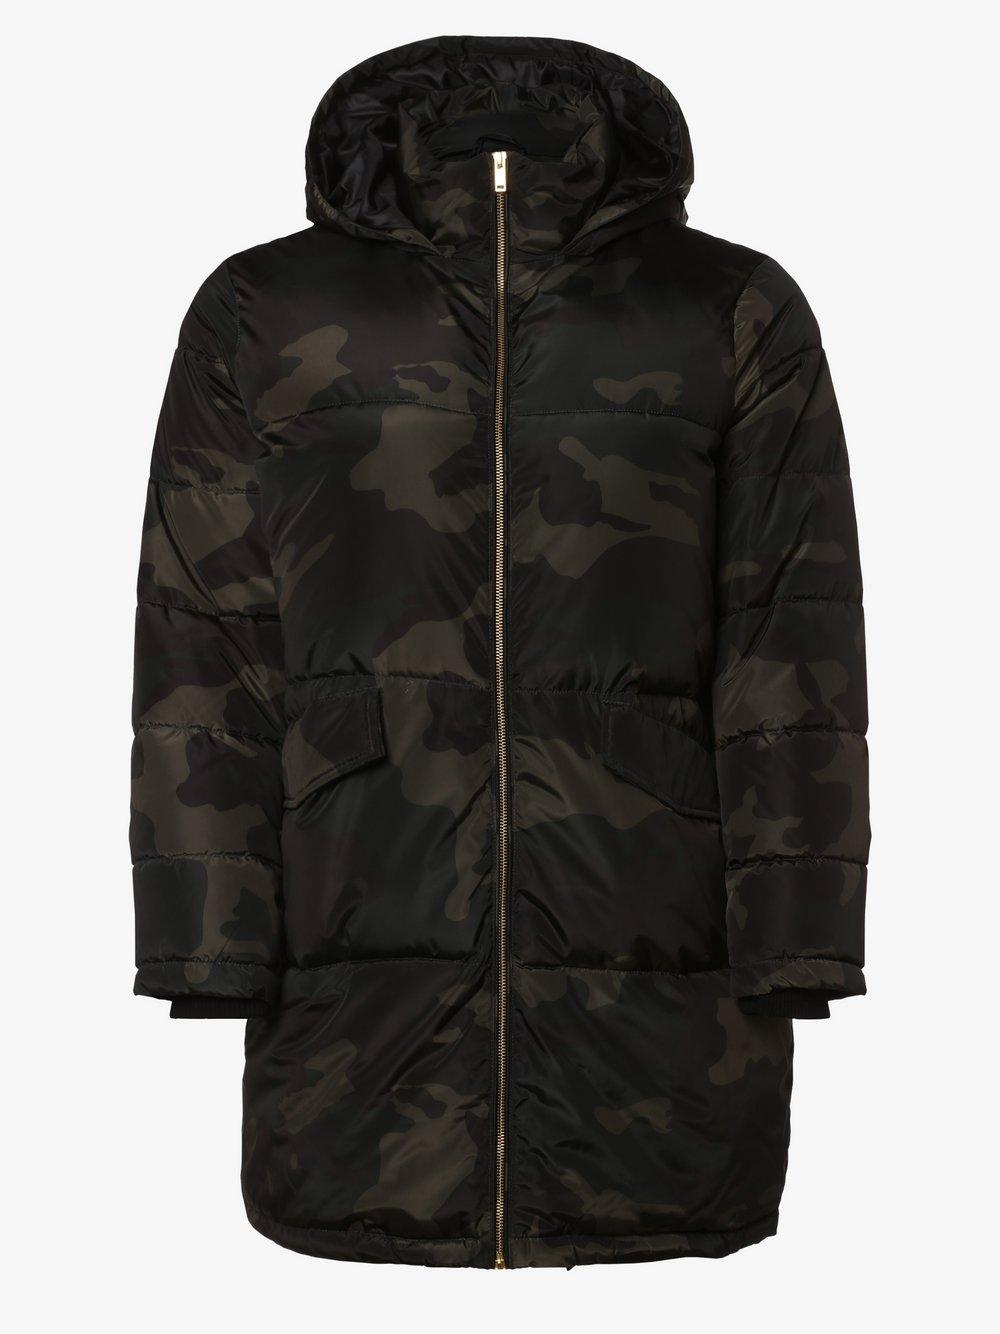 Junarose - Damski płaszcz pikowany – Jrmilan, czarny